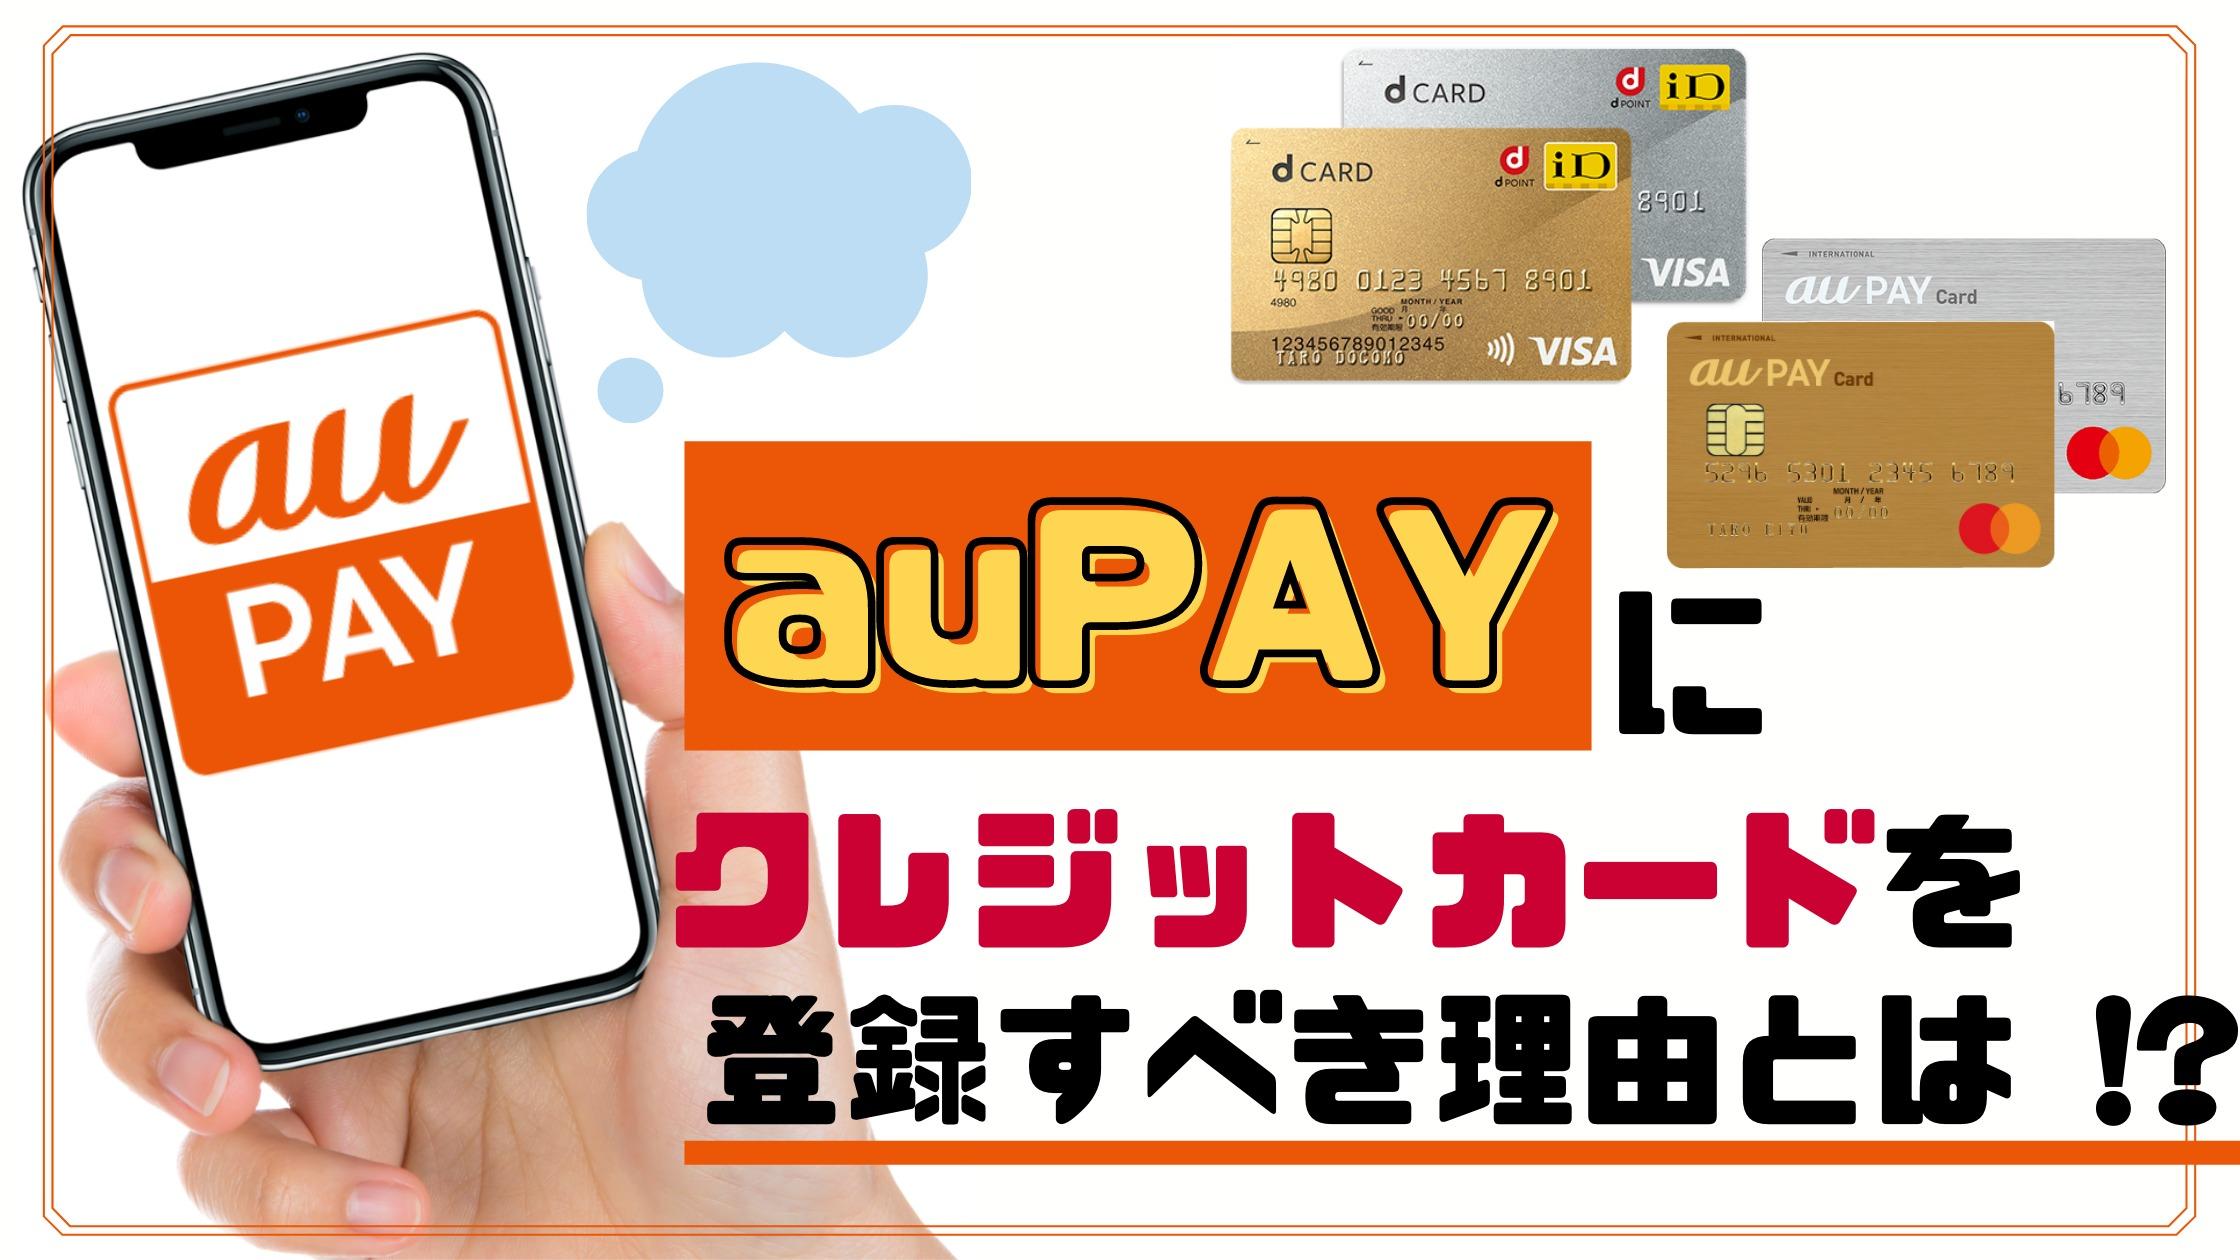 auPAYにクレジットカードを紐付けてチャージすべき理由【ポイント ...